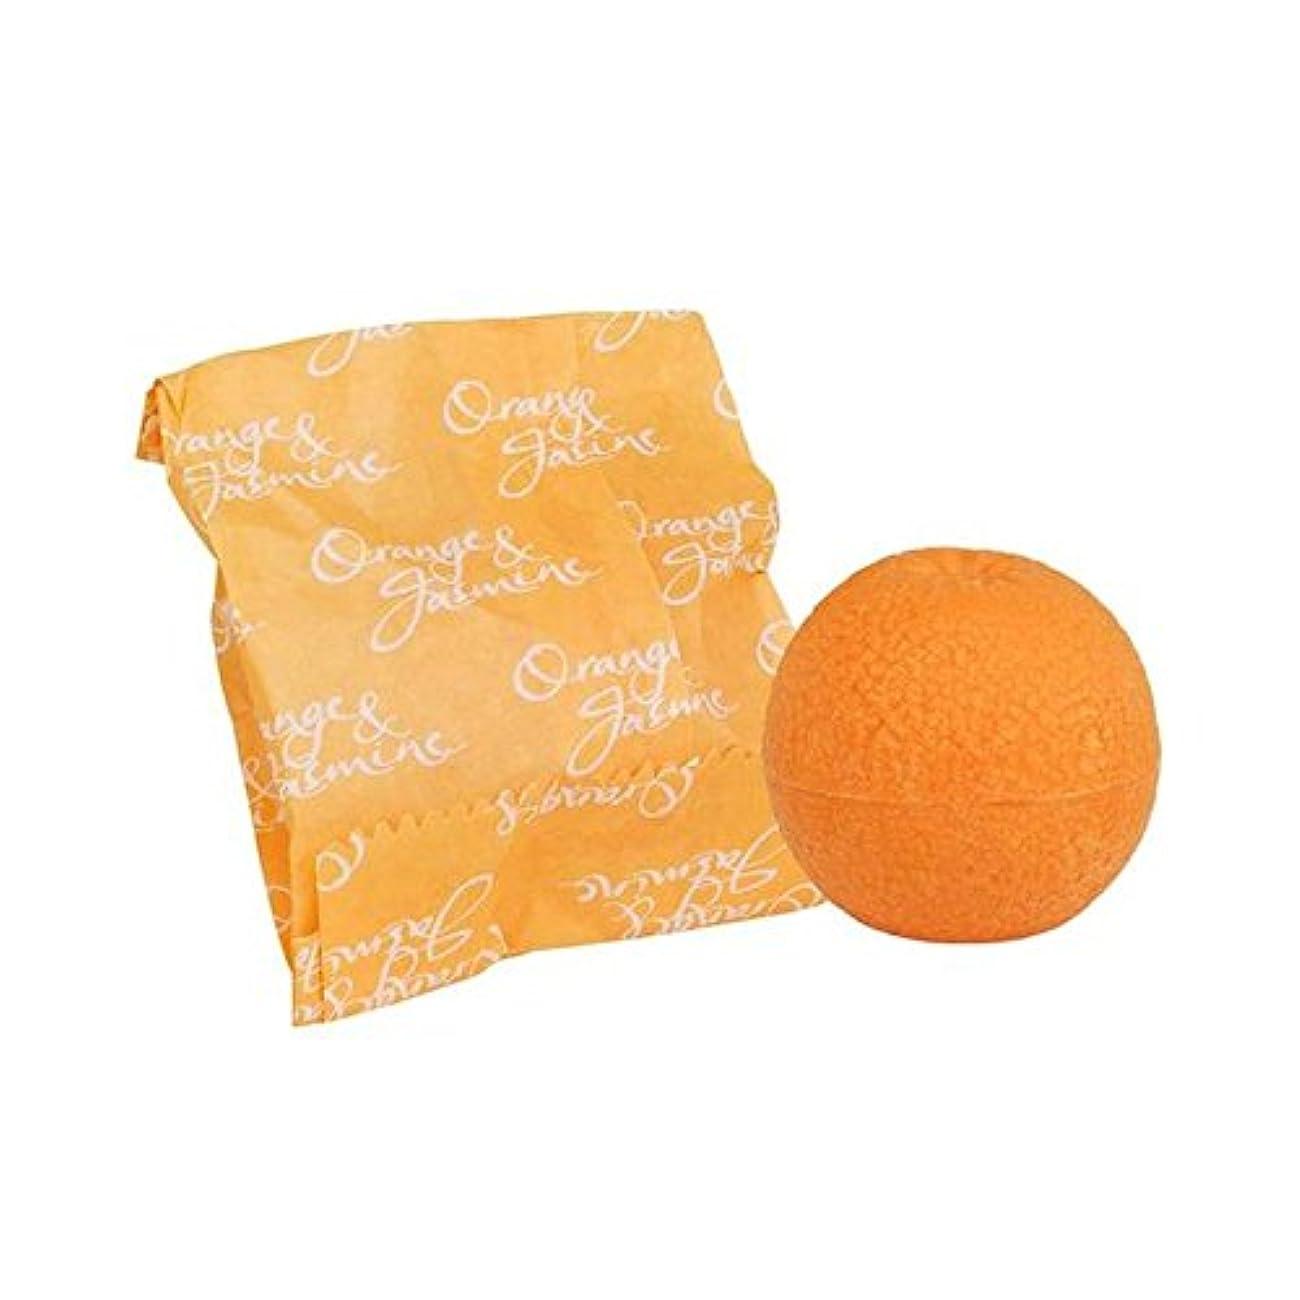 前置詞バブルピアノオレンジ&ジャスミン石鹸100グラム x4 - Bronnley Orange & Jasmine Soap 100g (Pack of 4) [並行輸入品]